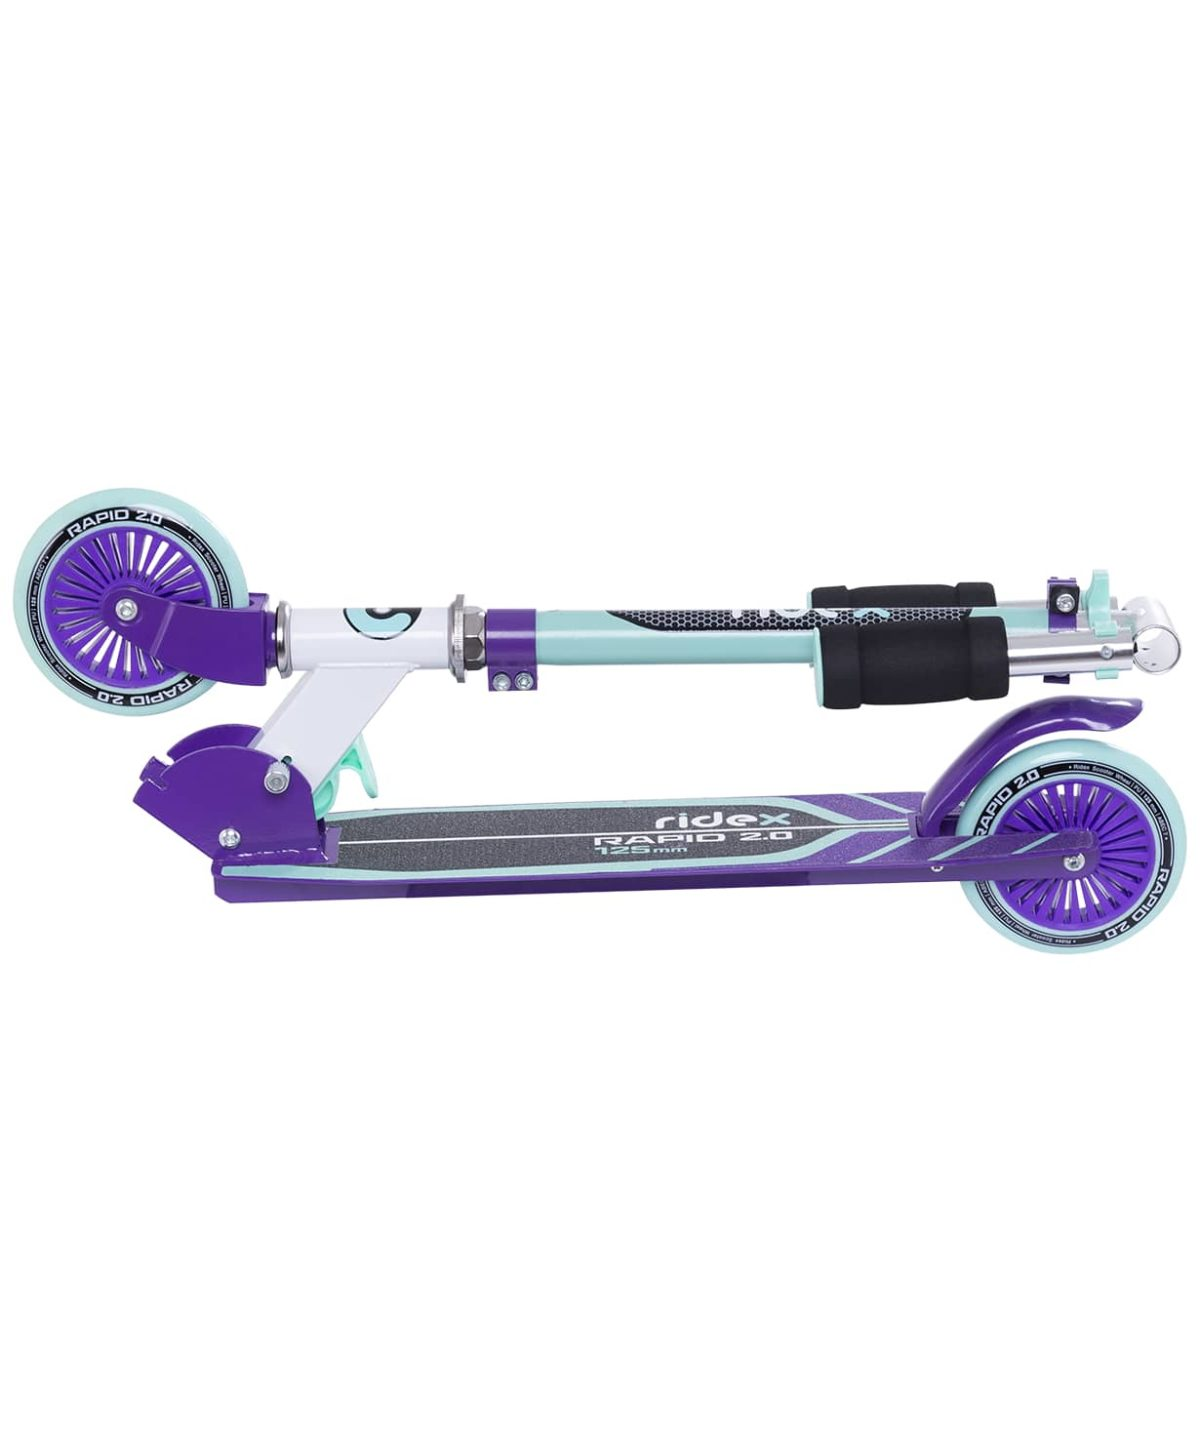 RIDEX Rapid 2 Самокат 2-х колес.  125 мм  Rapid: мятный/фиолетовый - 3